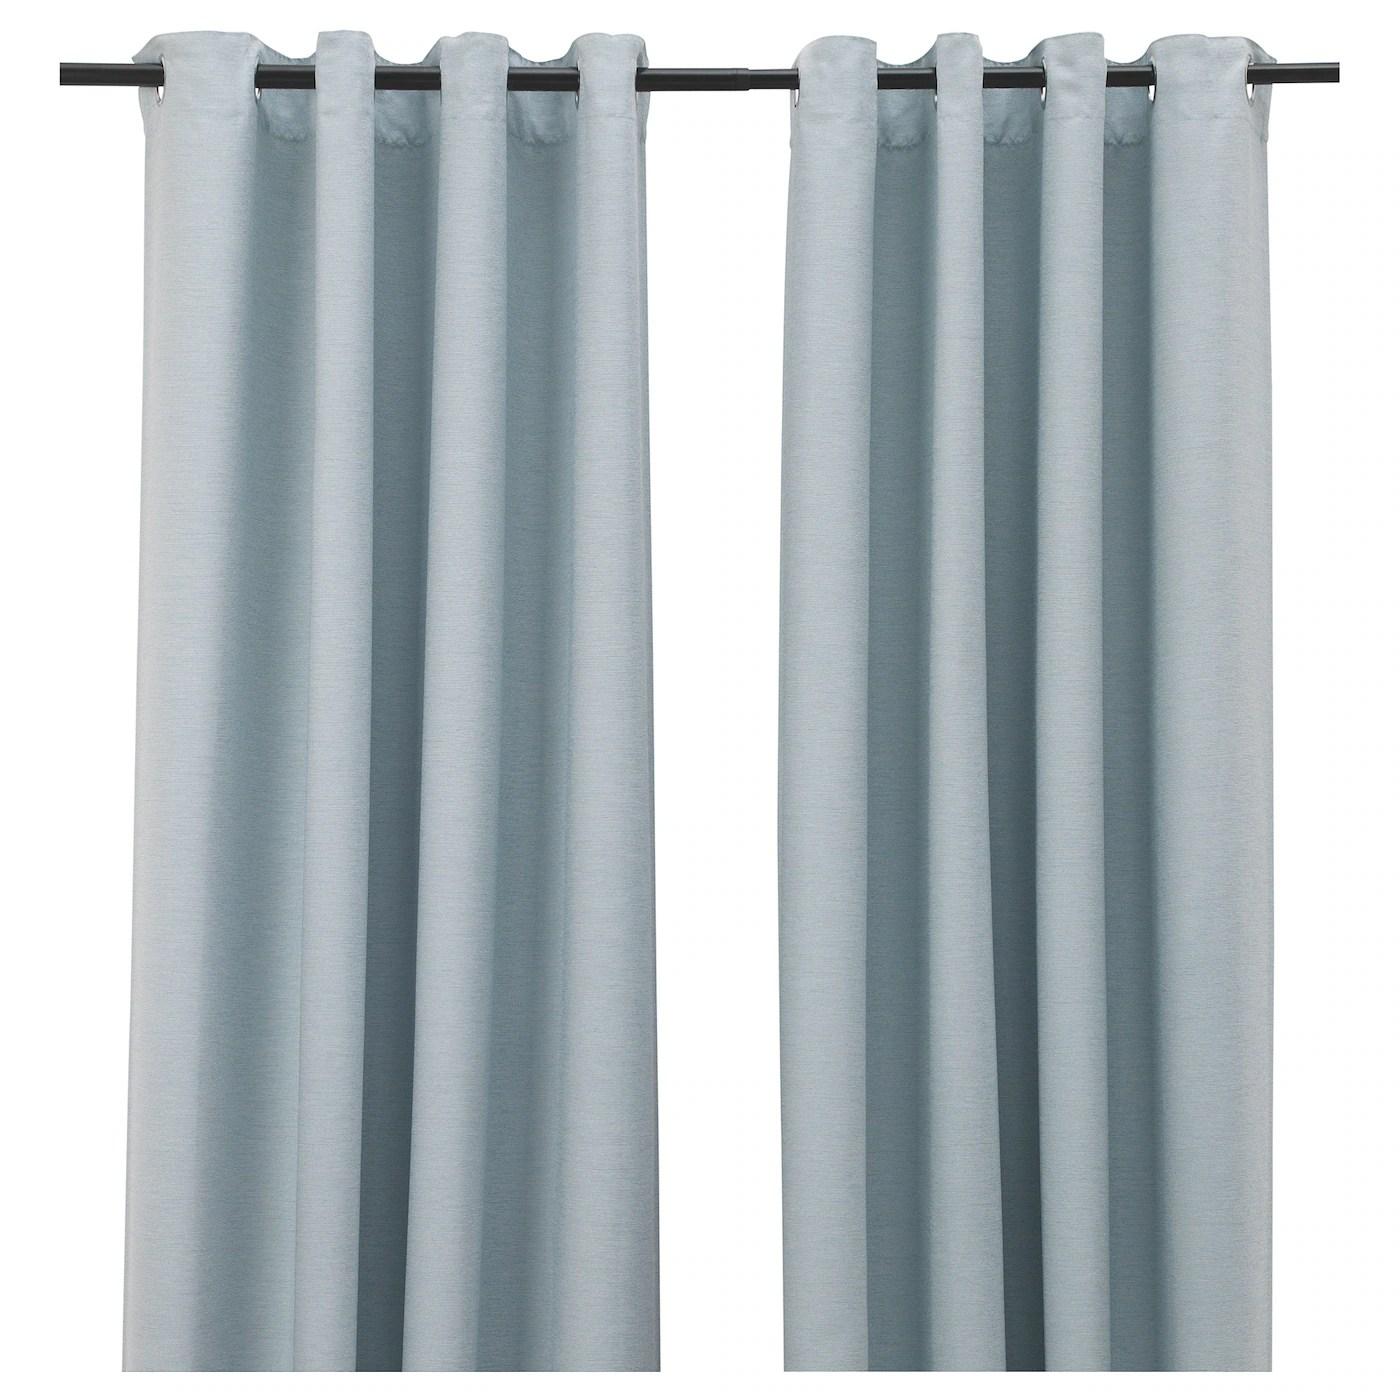 vilborg rideaux 2 pieces blanc turquoise avec oeillets 145x300 cm